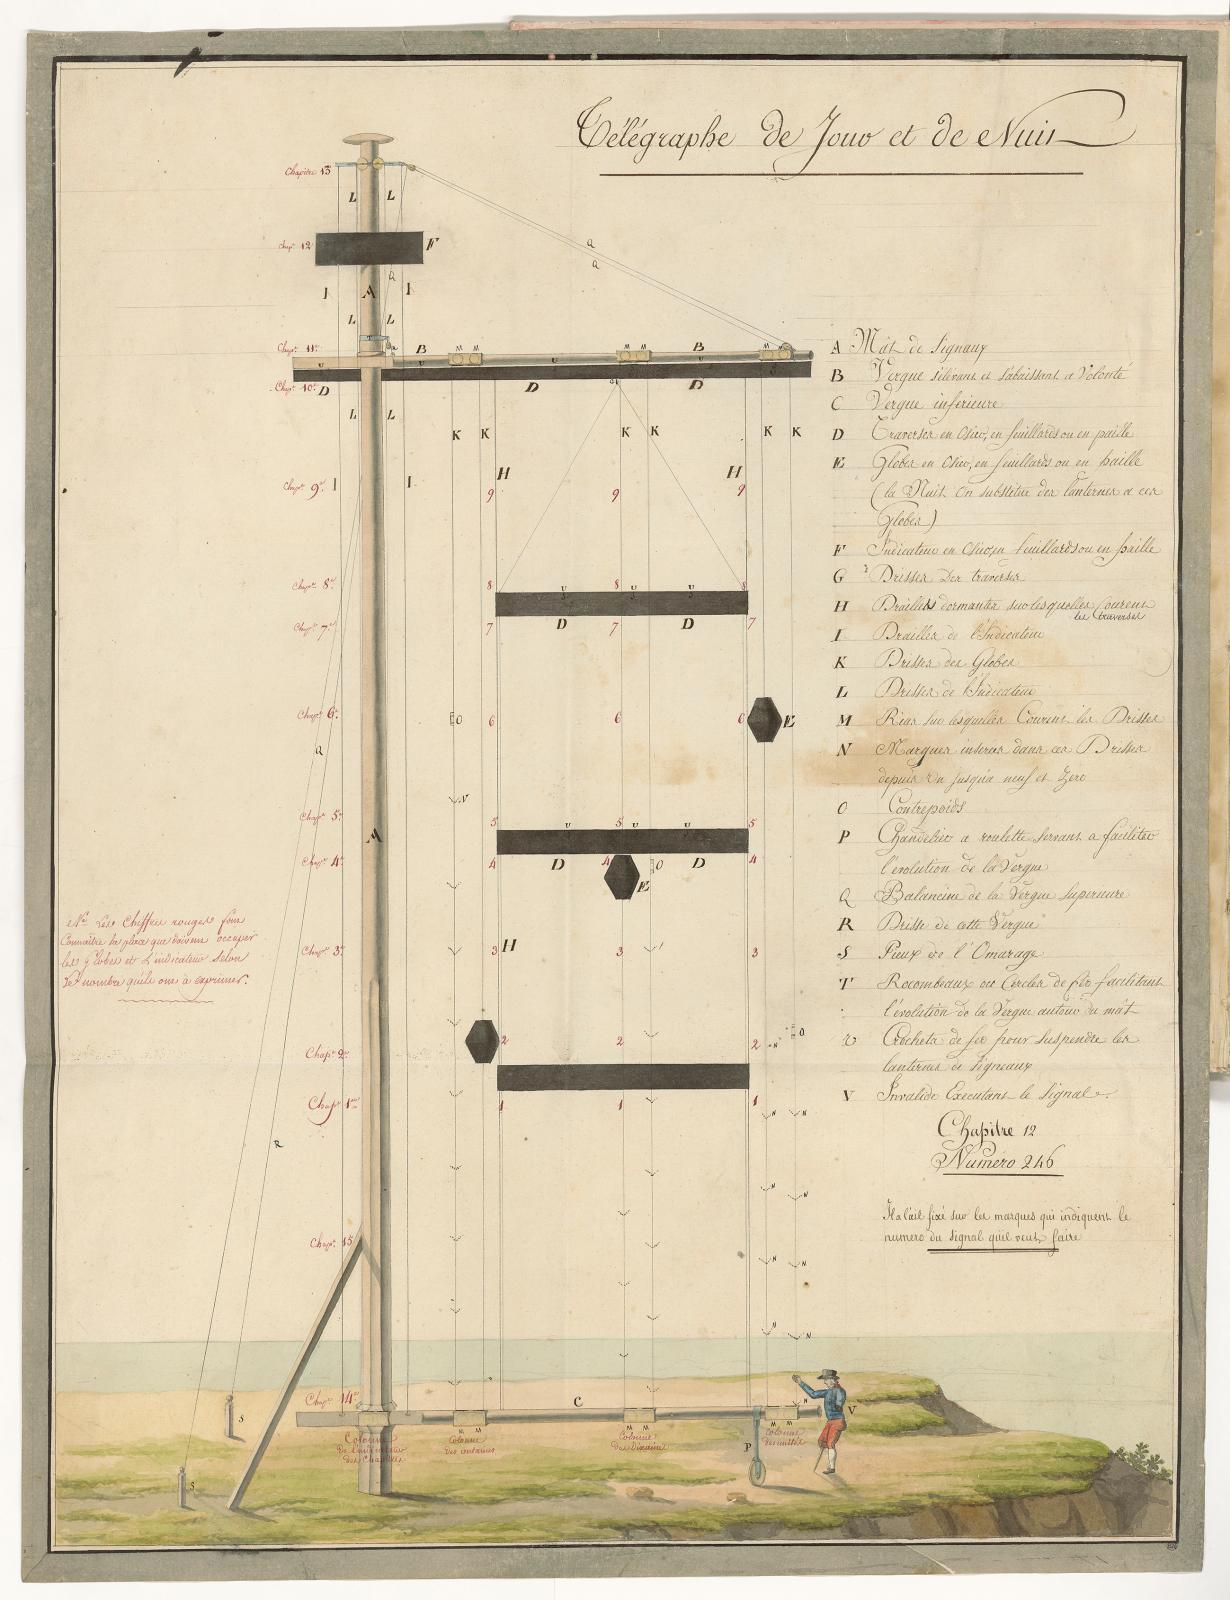 Yves-Marie-Gabriel-Pierre Le Coatde Saint-Haouen (1756-1826), Télégraphe de jour et de nuit, propre au service des armées de terre et de